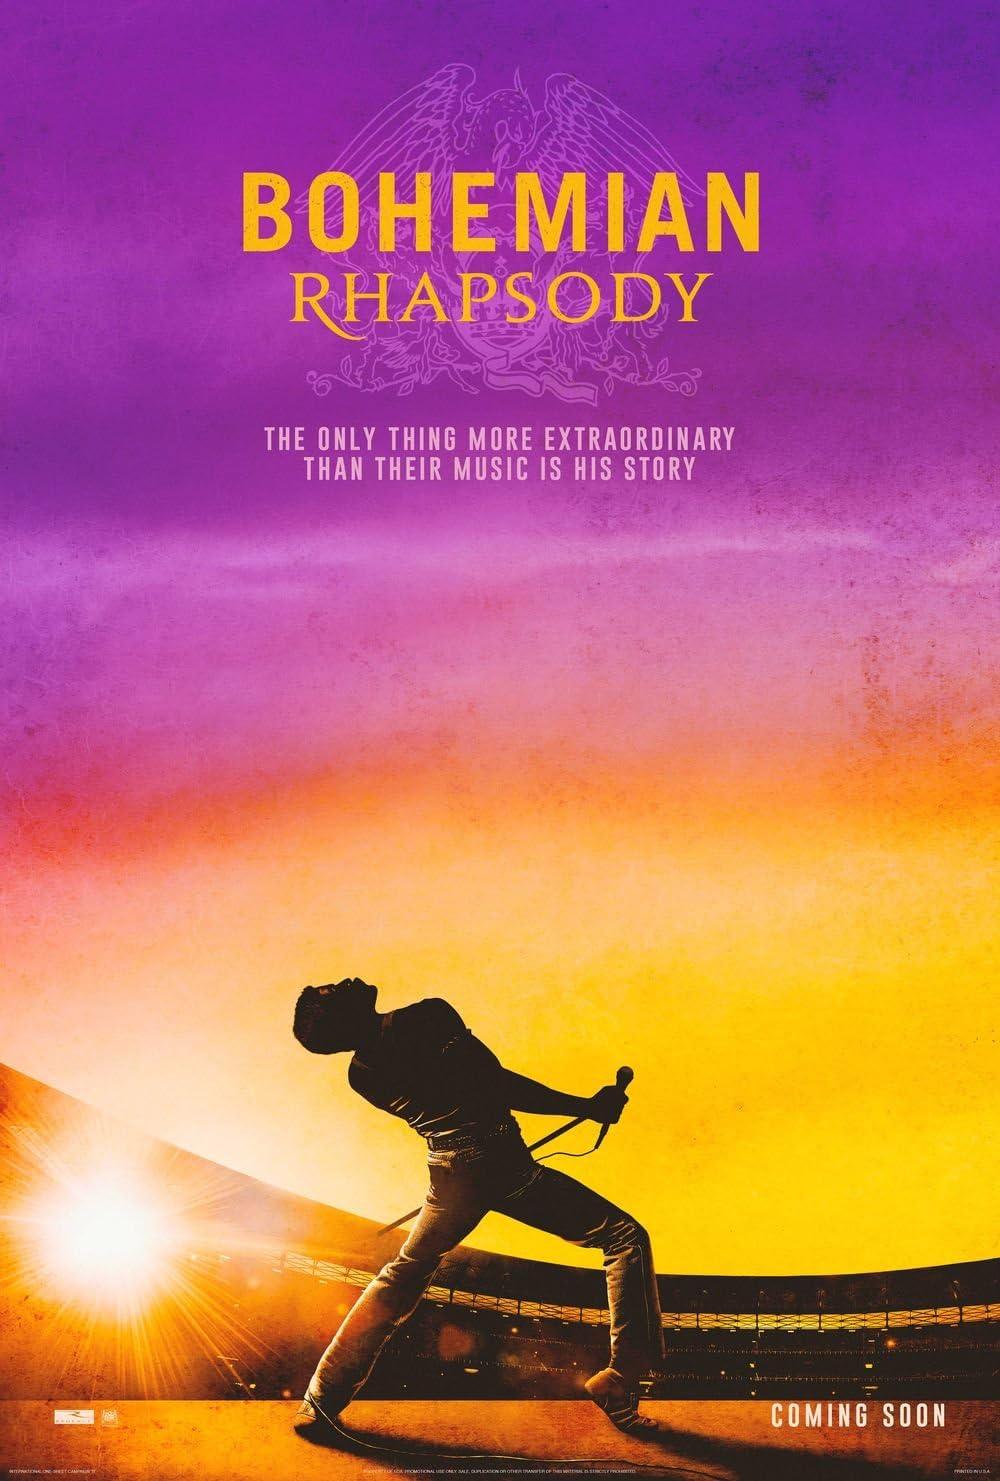 Poster Bohemian Rhapsody Movie 70 X 45 cm: Amazon.co.uk: Kitchen & Home